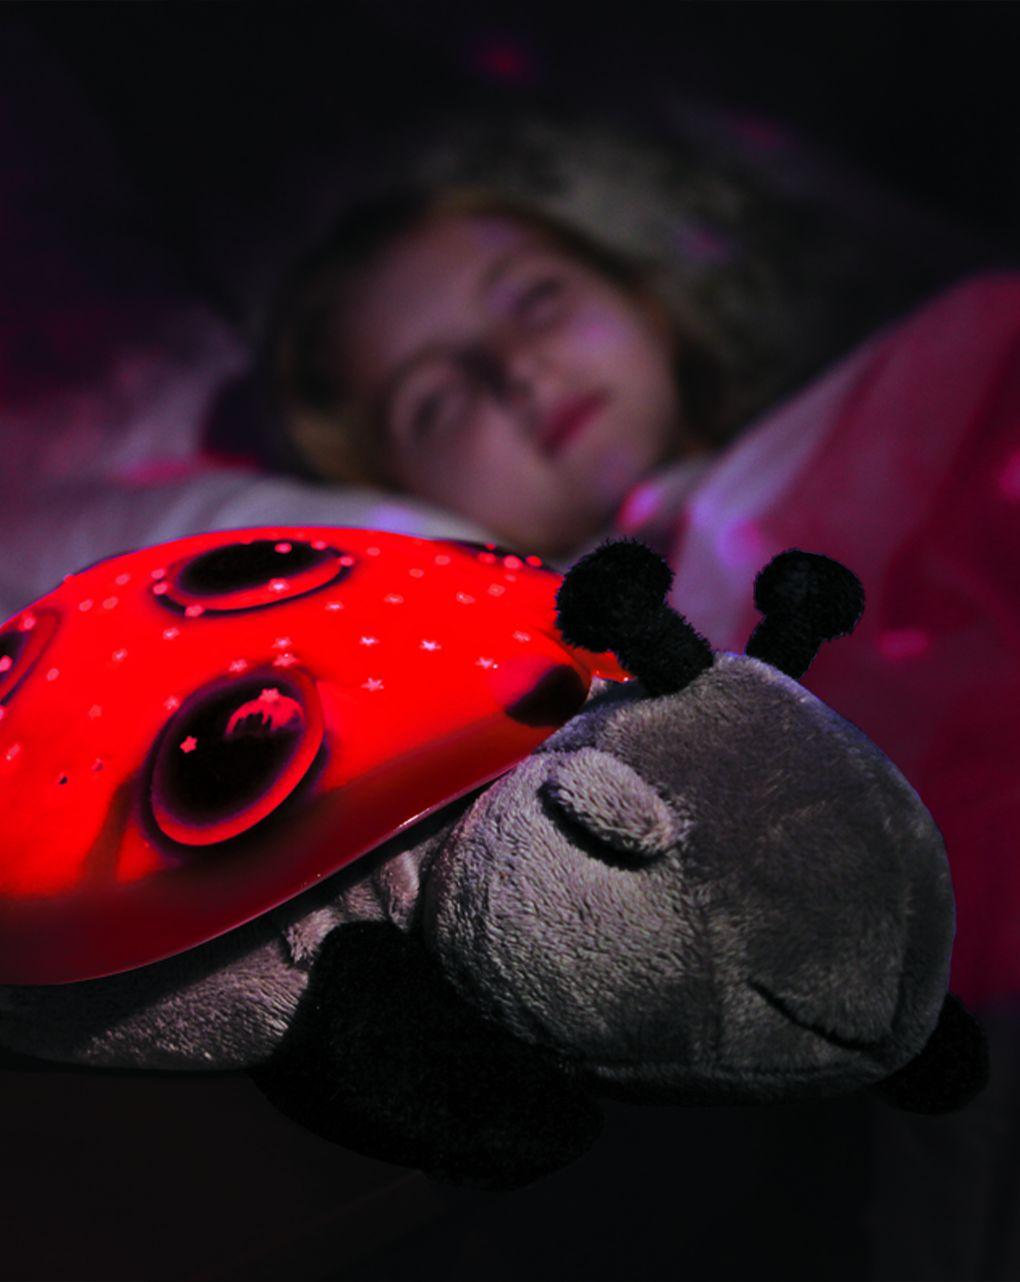 Cloud b - twilight ladybug - classic - Cloud B